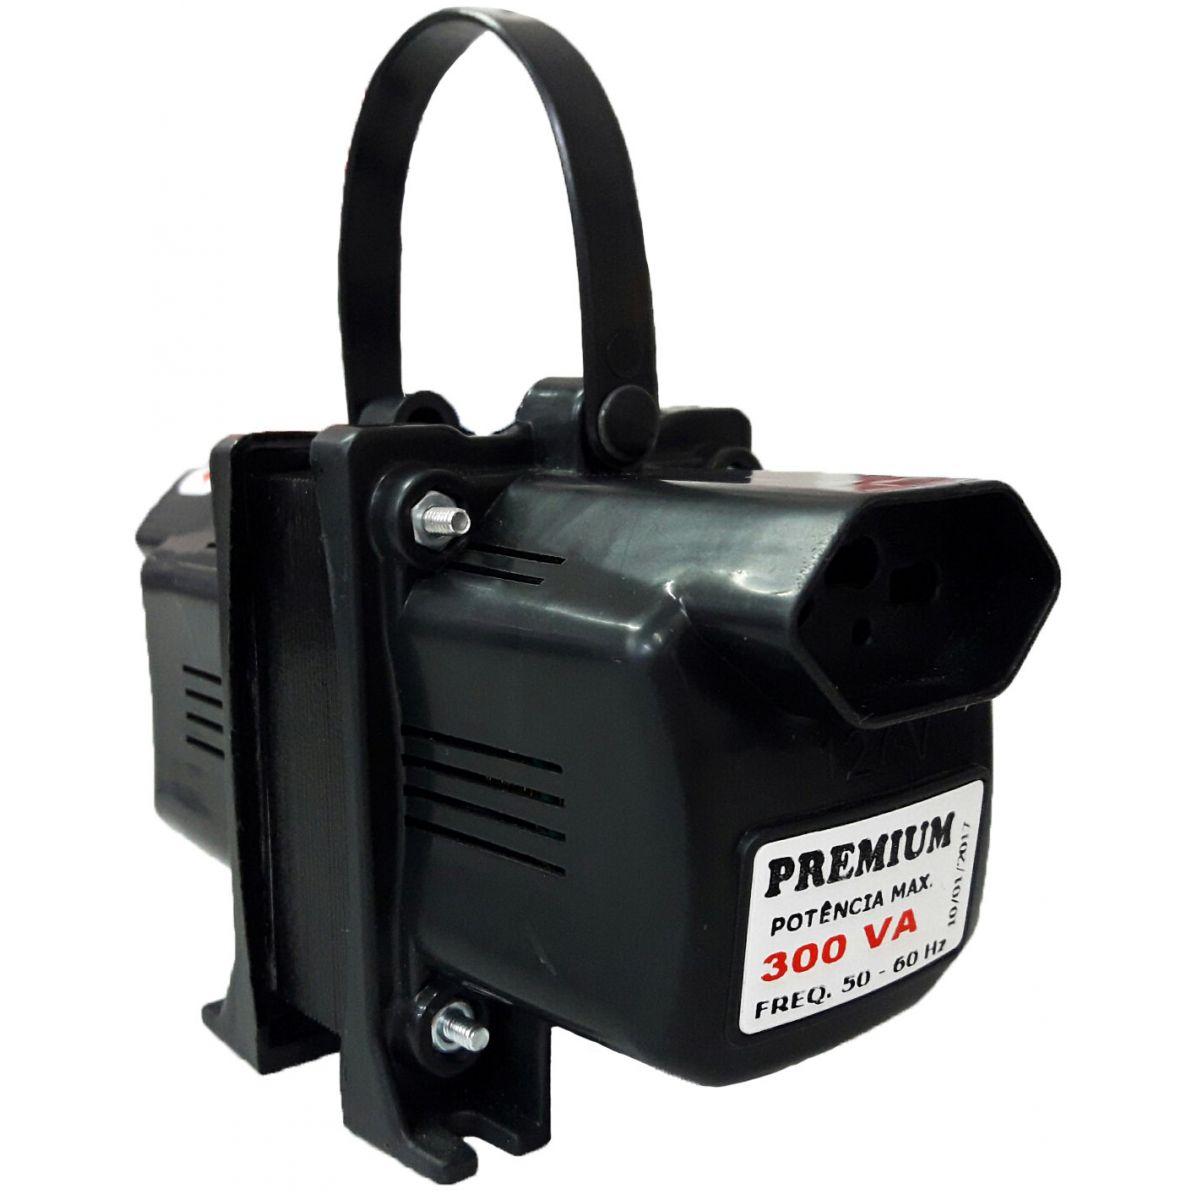 Transformador Fiolux Premium Tripolar 300VA Bivolt 110/220 e 220/110 Ref: 300 VA